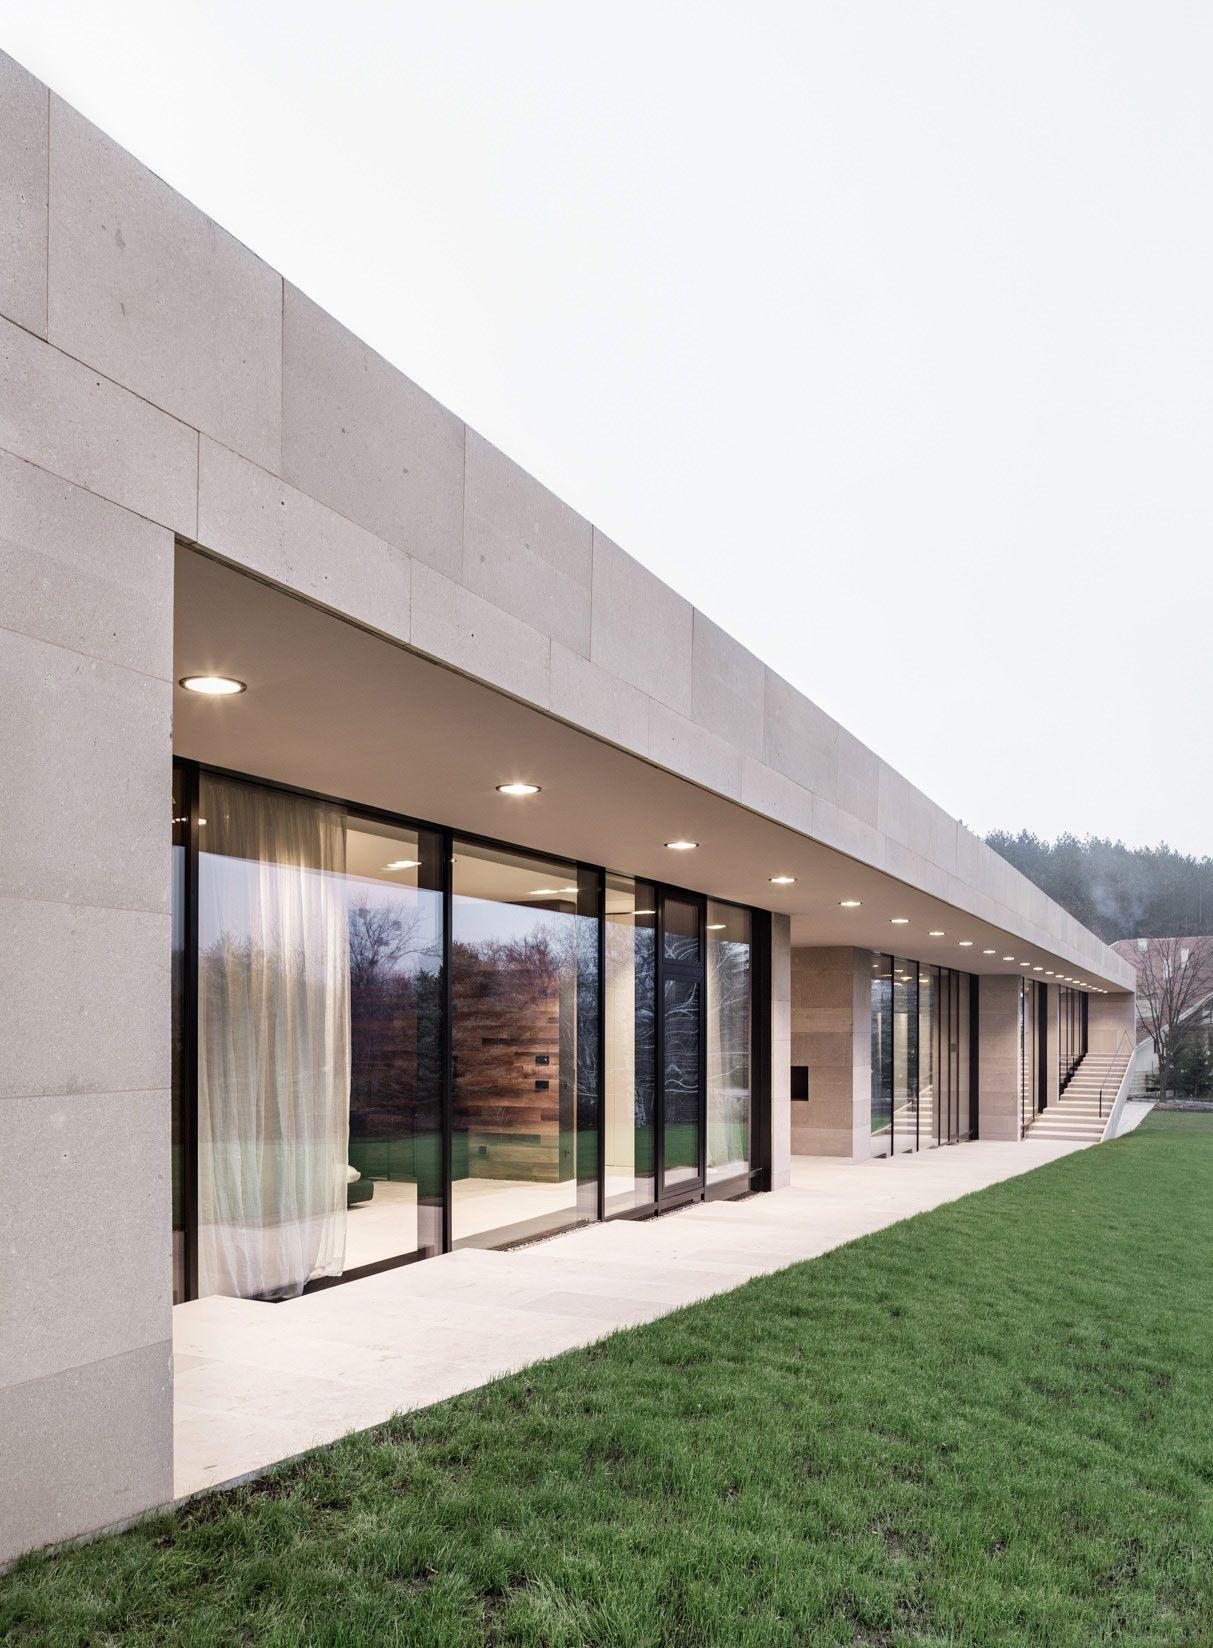 Galería De Casa Larga En Pendiente Ligera IO Architects - A step up in amazing architecture la